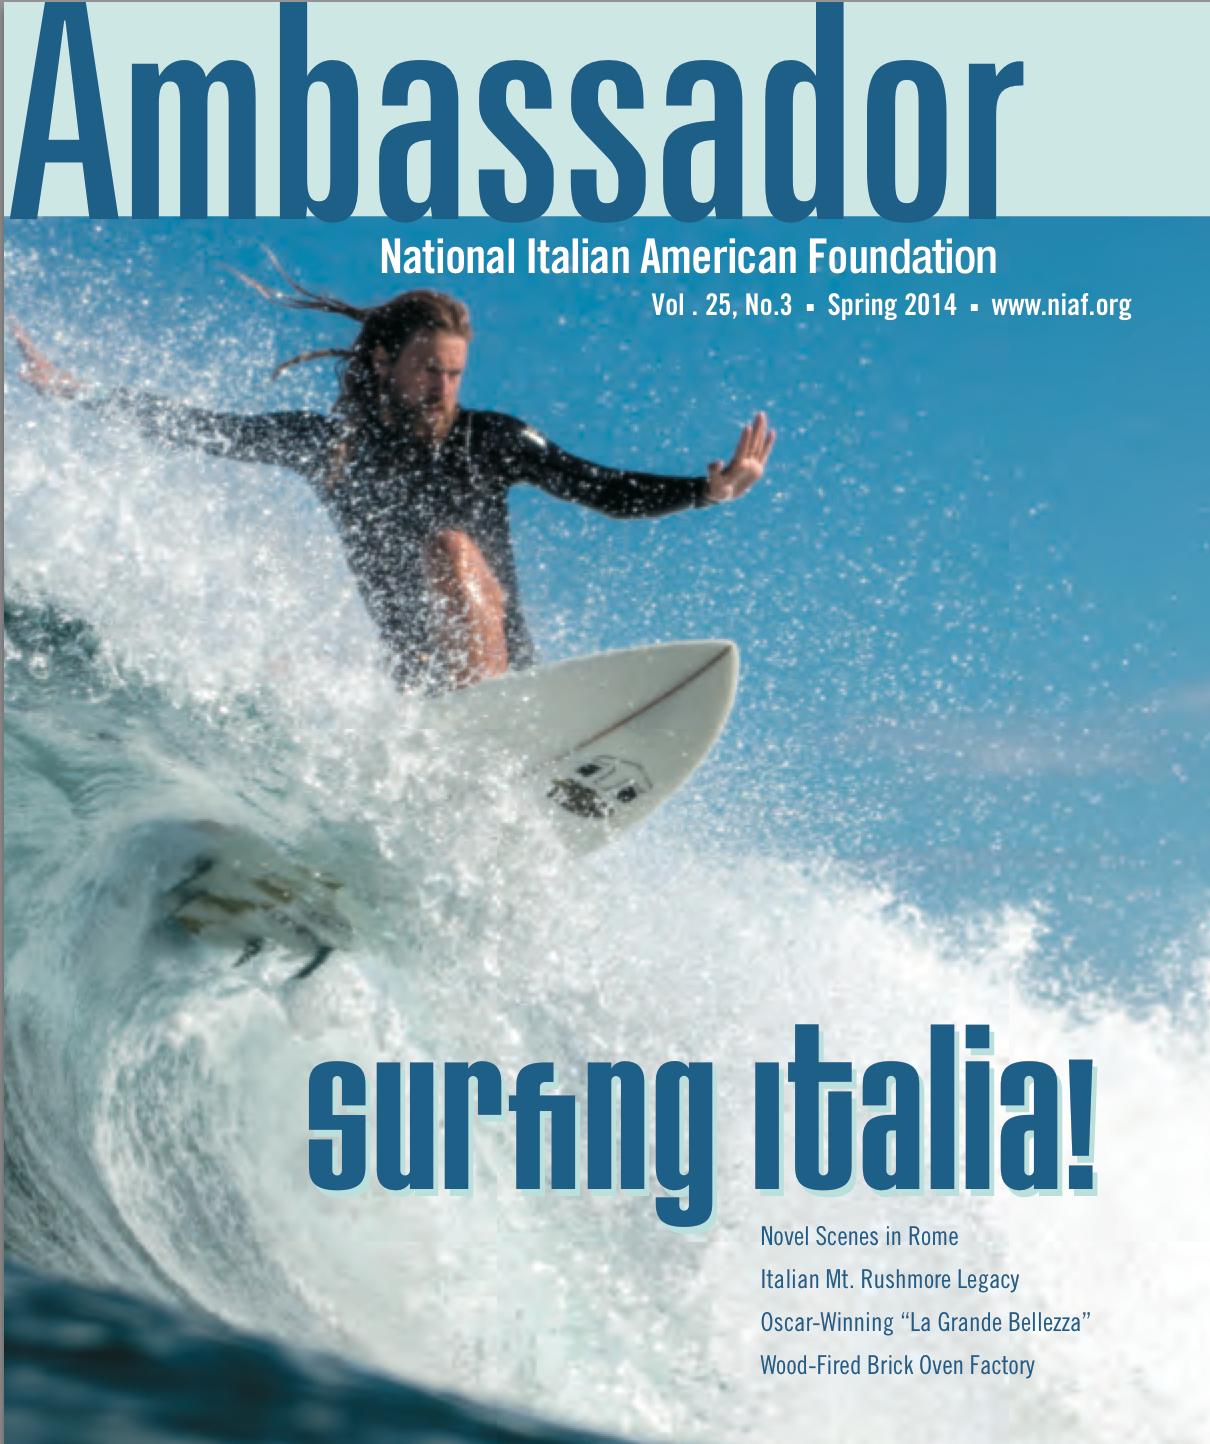 Ambassador_Mag_Cover.png